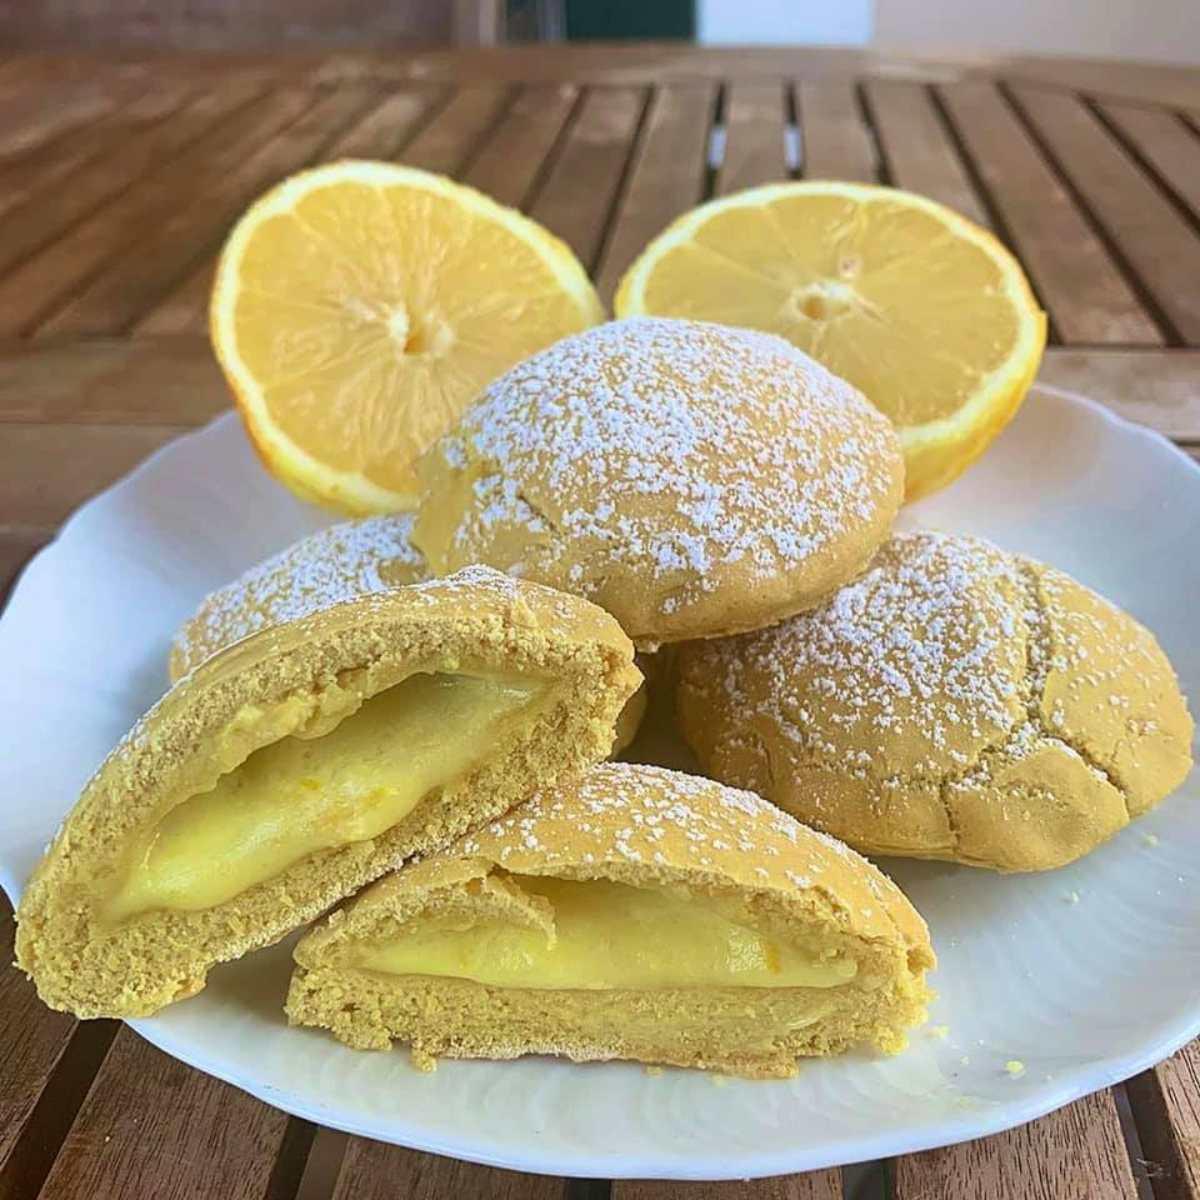 Grisbì al limone fatti in casa, senza zucchero, poche calorie